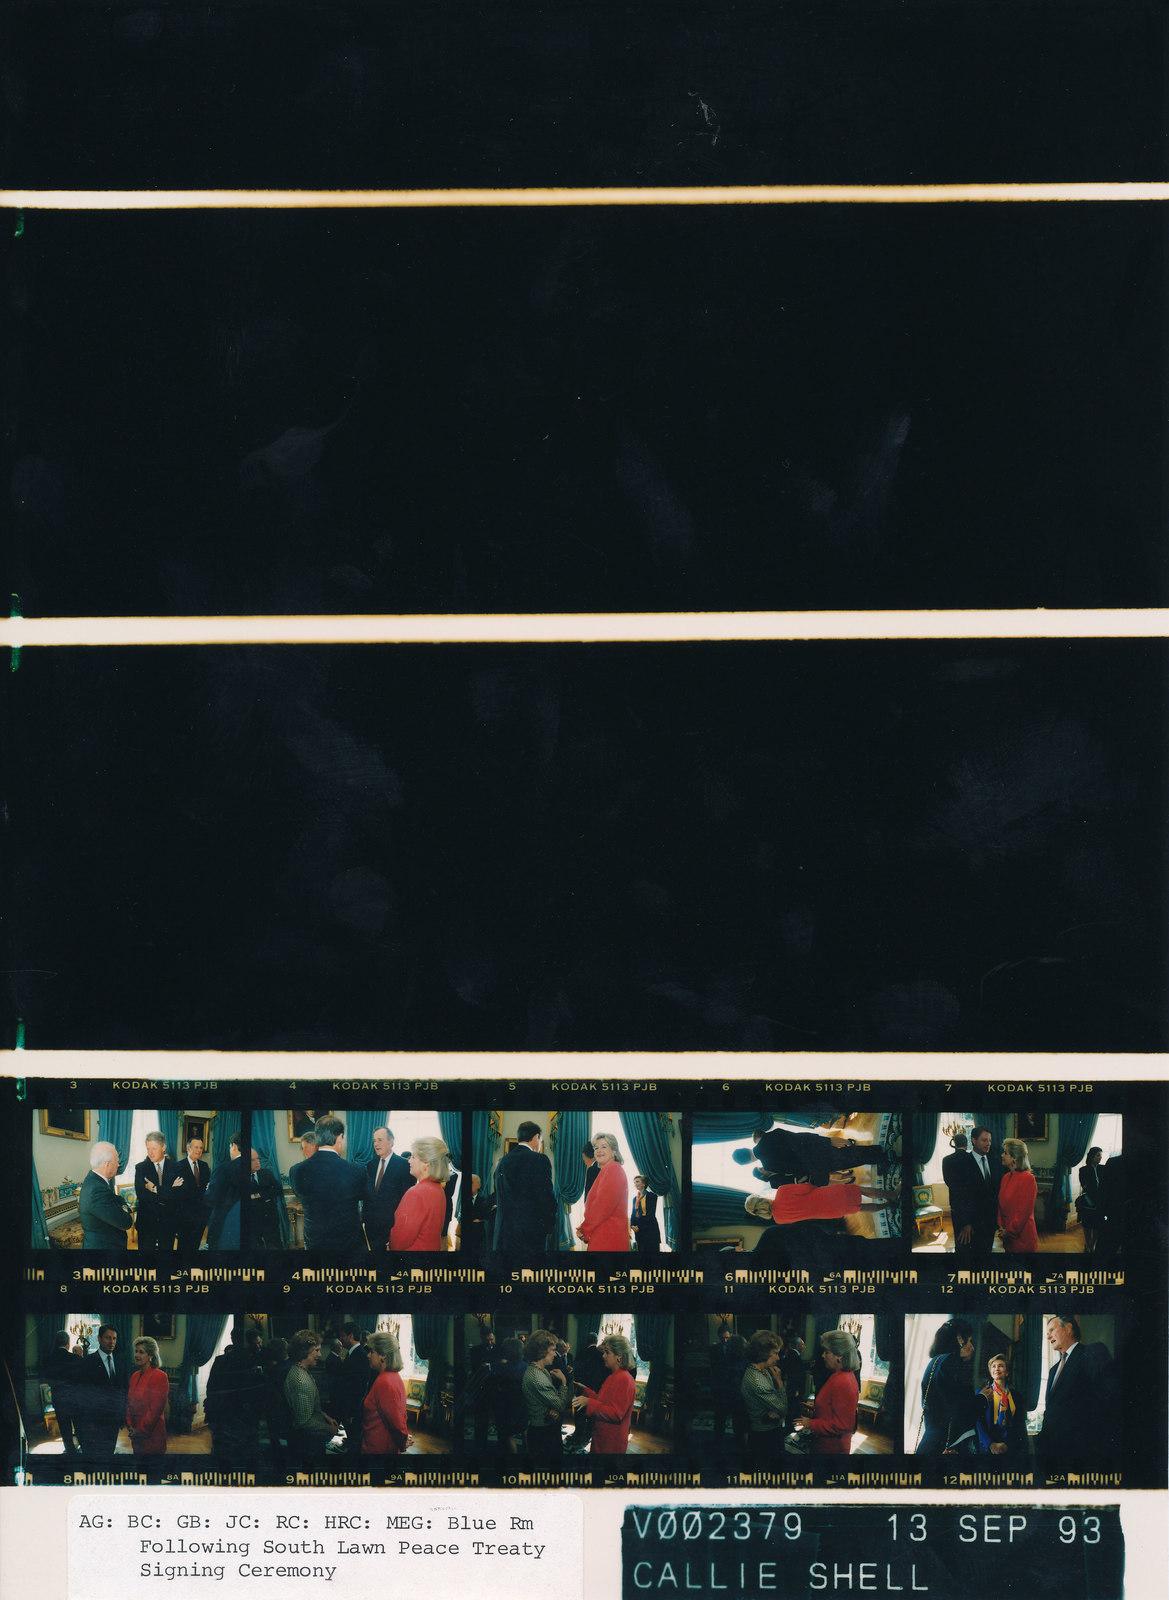 V02379, September 13, 1993